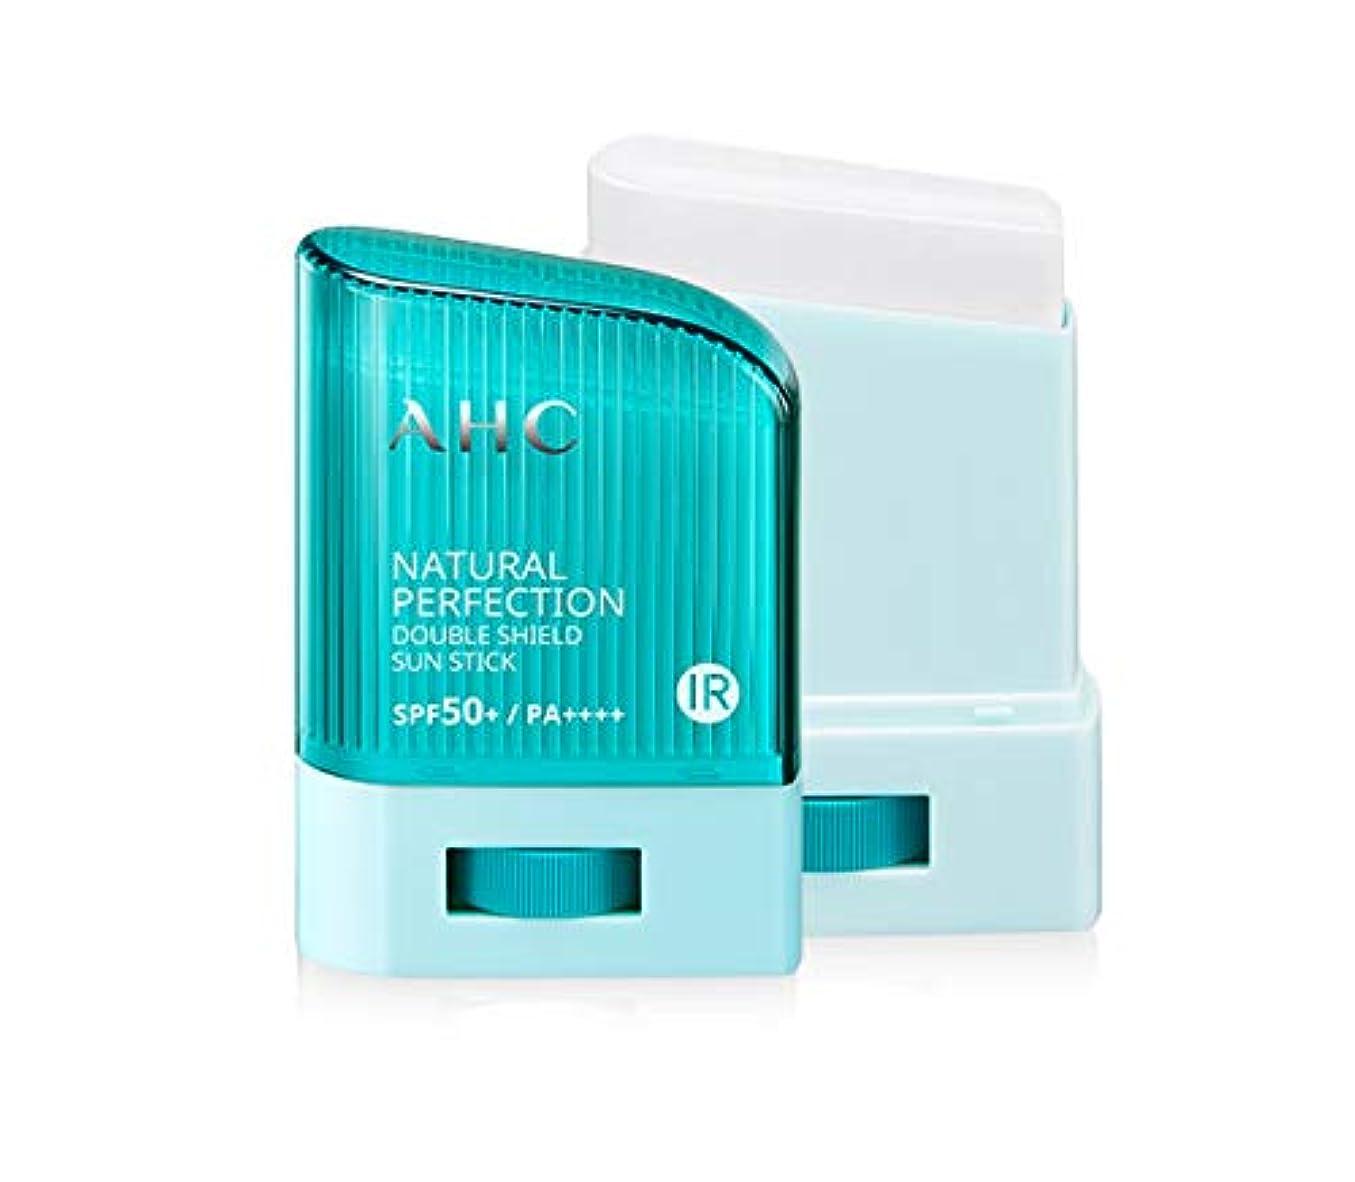 終わり原点業界AHC ナチュラルパーフェクションダブルシールドサンスティック ブルー Natural Perfection Double Shield Sun Stick BLUE [並行輸入品] (14g)